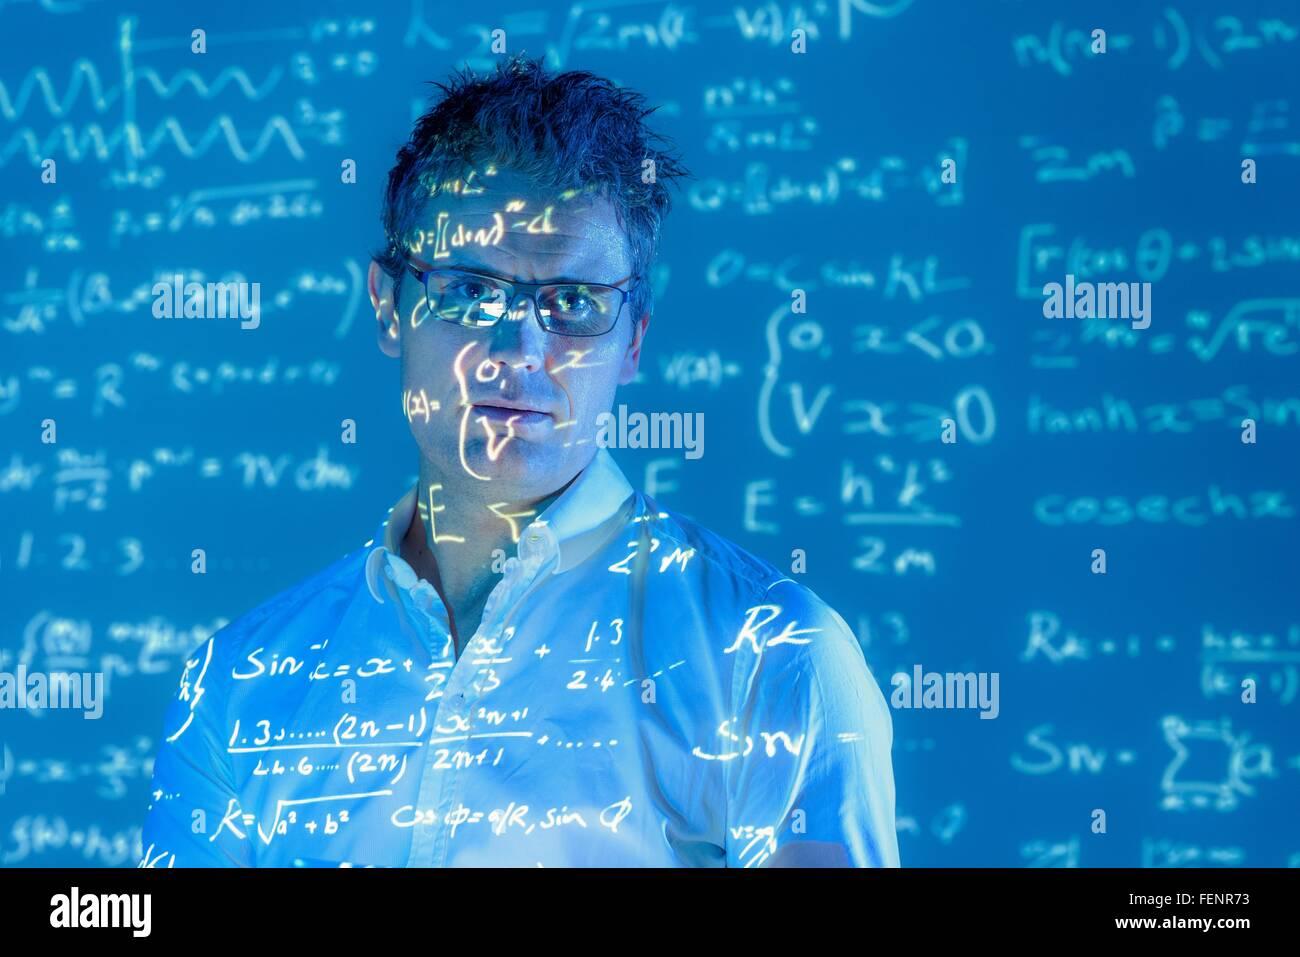 Portrait de chercheur scientifique à des données mathématiques prévue Photo Stock